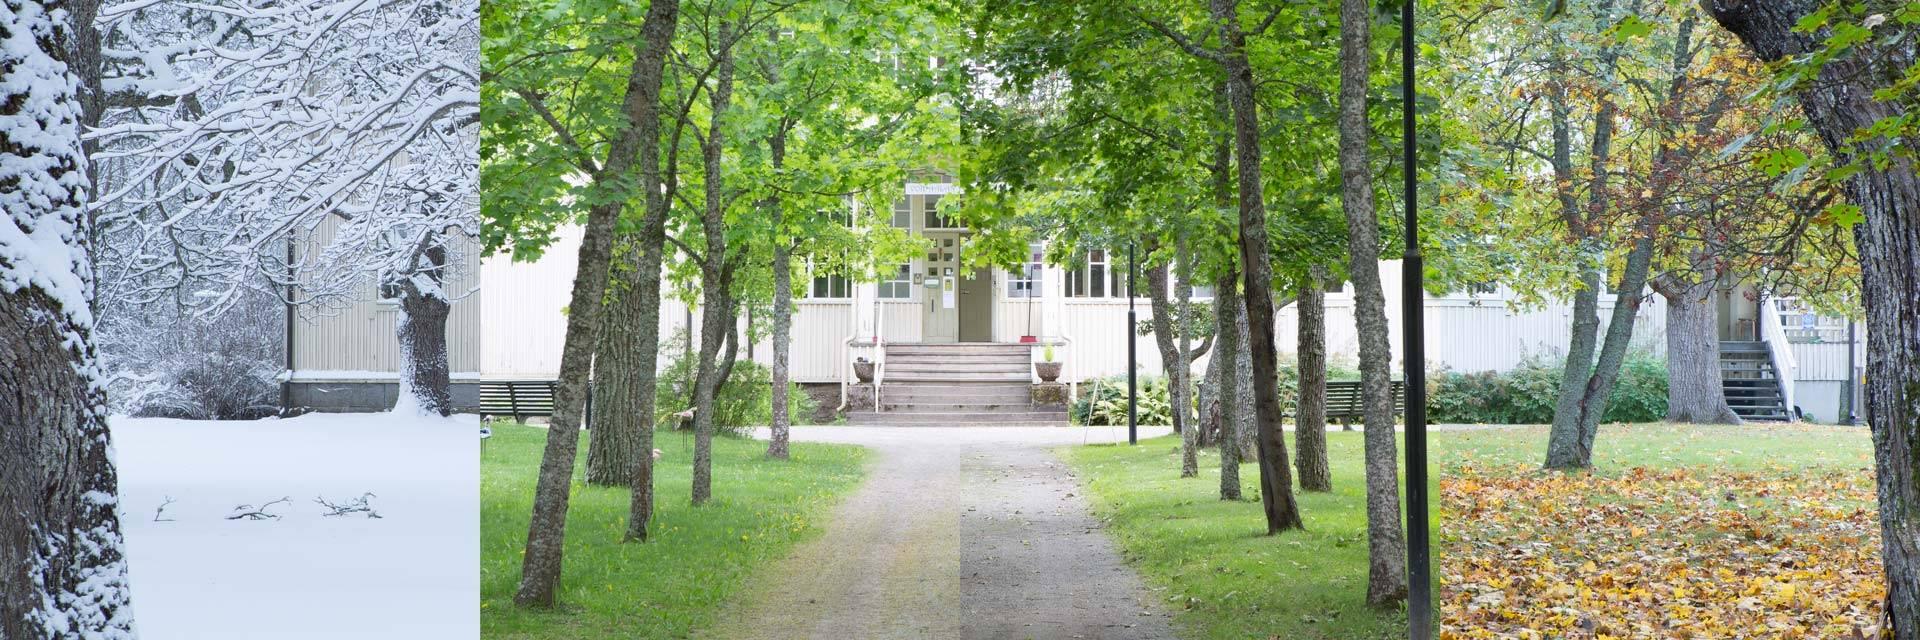 Voipaalan taidekeskuksen päärakennus neljänä vuodenaikana samassa kuvassa